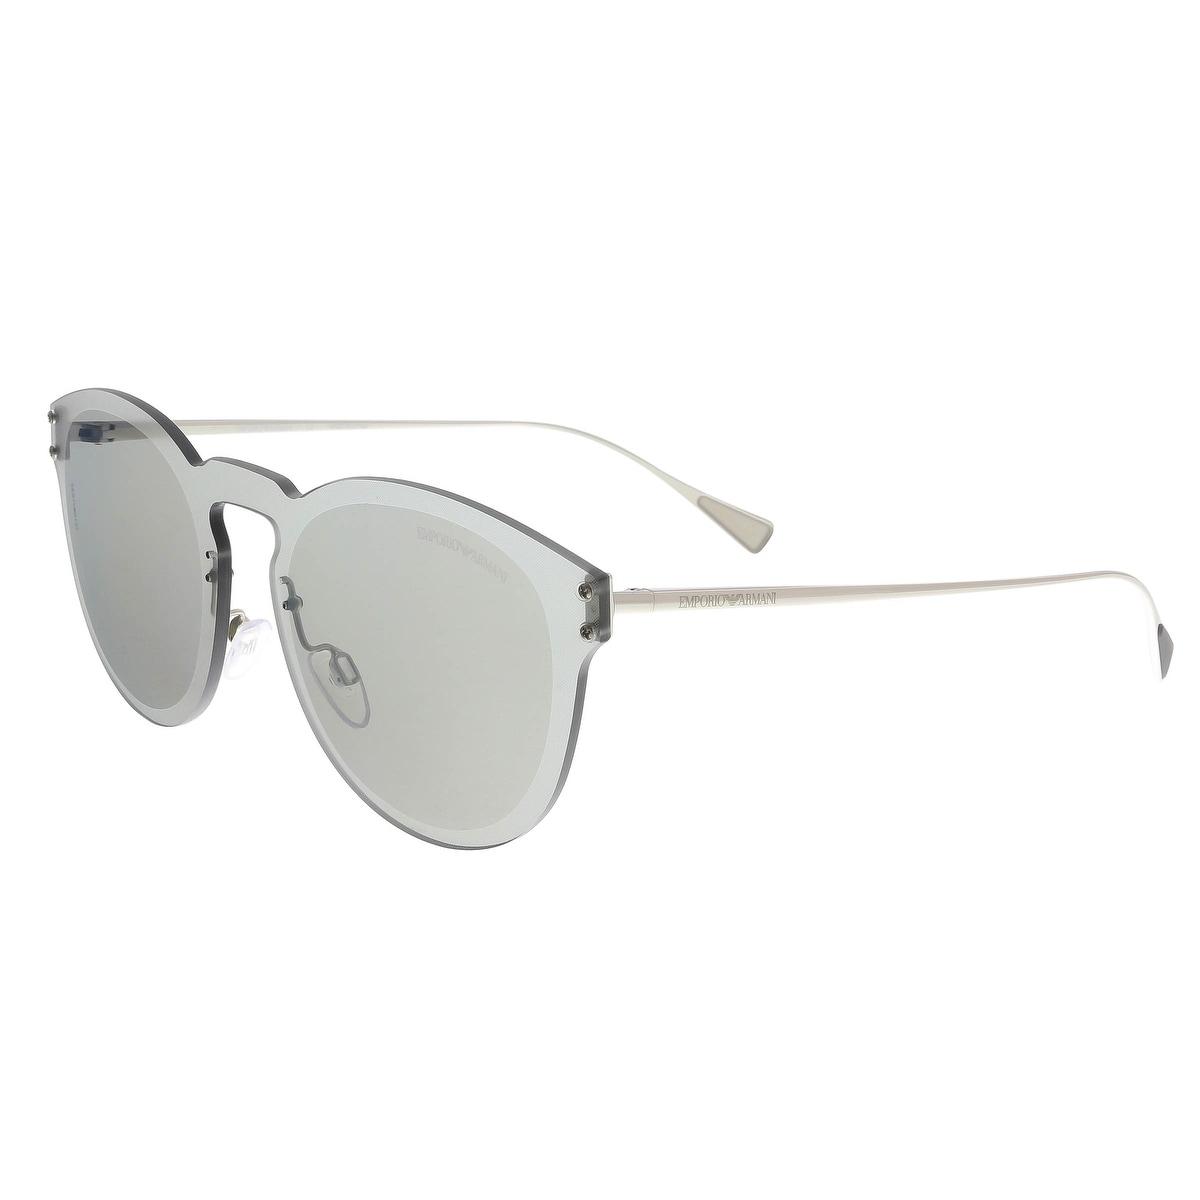 93e66136256d Emporio Armani Sunglasses